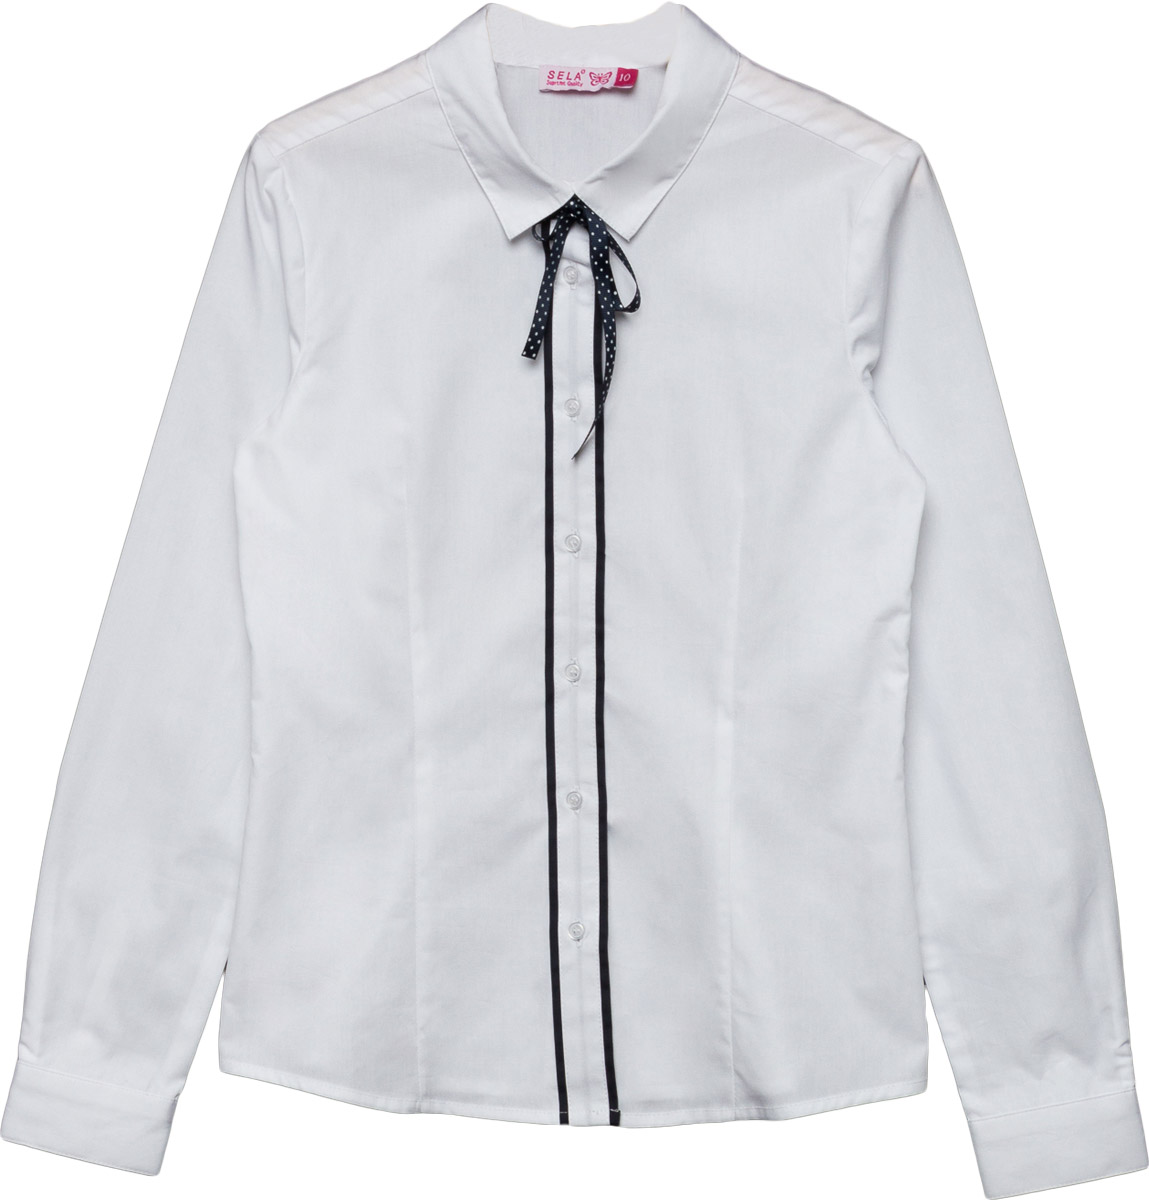 Блузка для девочки Sela, цвет: белый. B-612/869-7320. Размер 146, 11 летB-612/869-7320Классическая блузка Sela выполнена из хлопкового материала. Модель с отложным воротником и длинными рукавами застегивается на пуговицы.